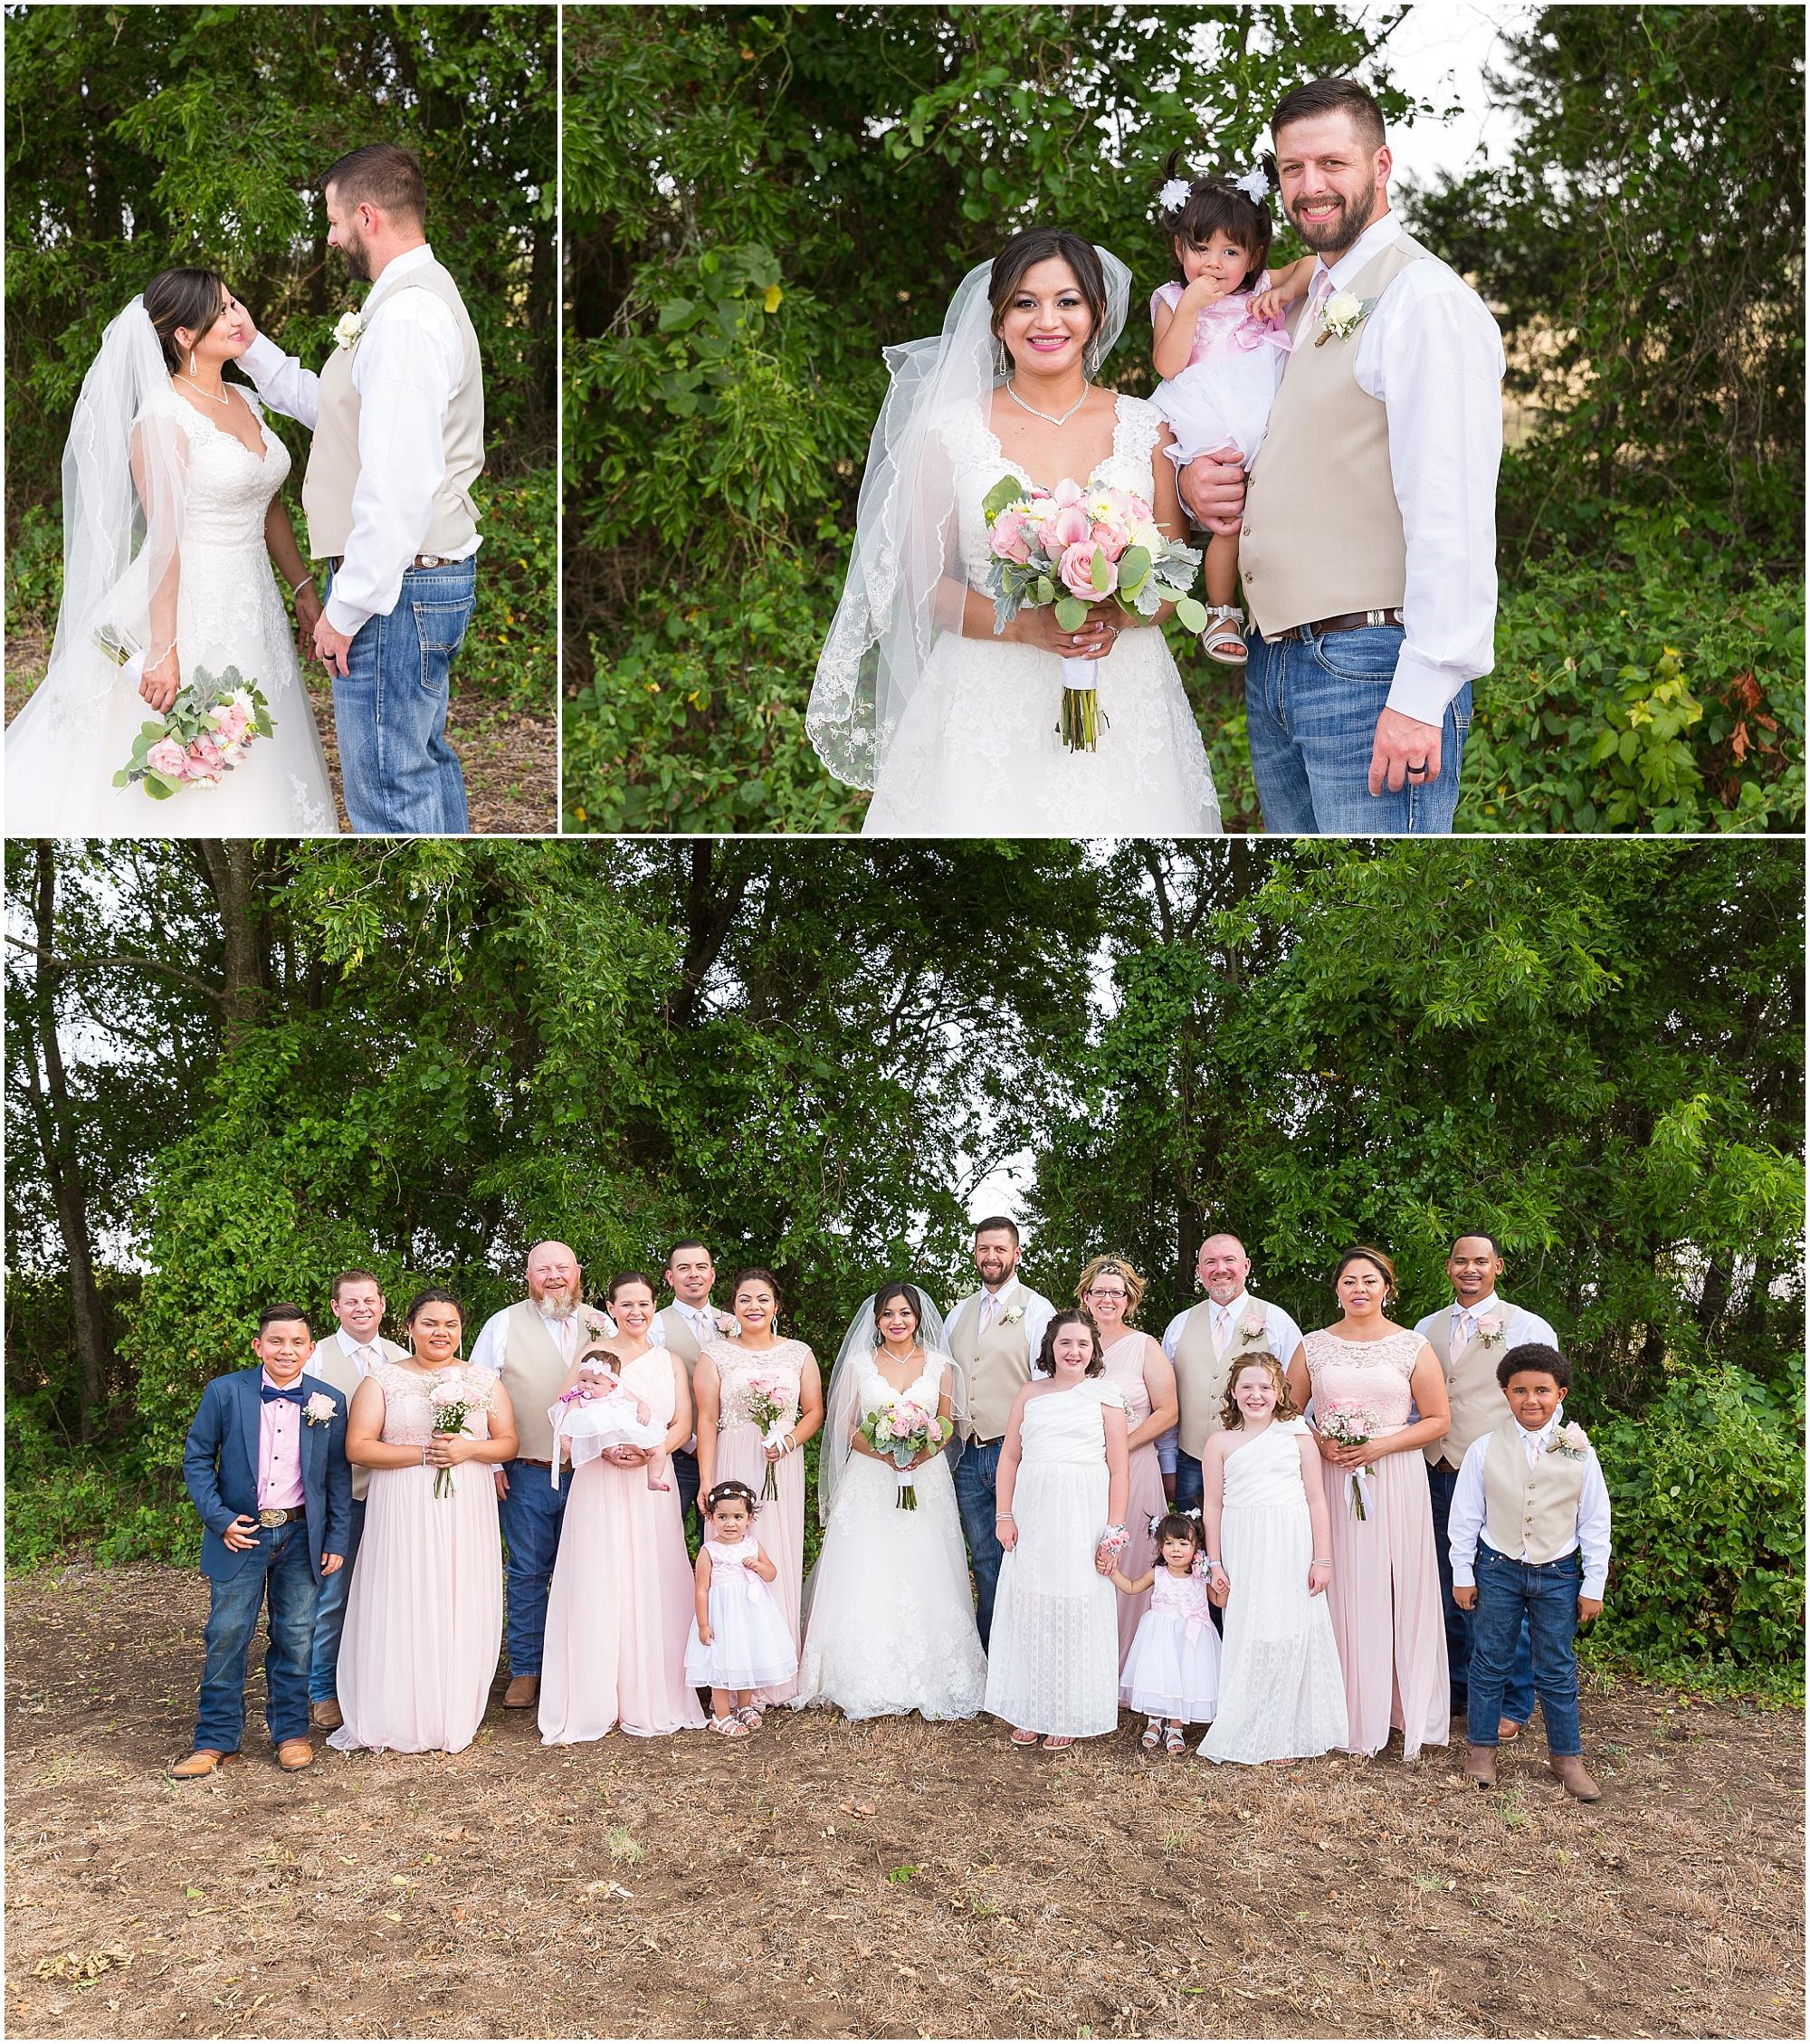 Pink and tan bridal party colors at a rustic wedding in Texas - Jason & Melaina Photography - www.jasonandmelaina.com